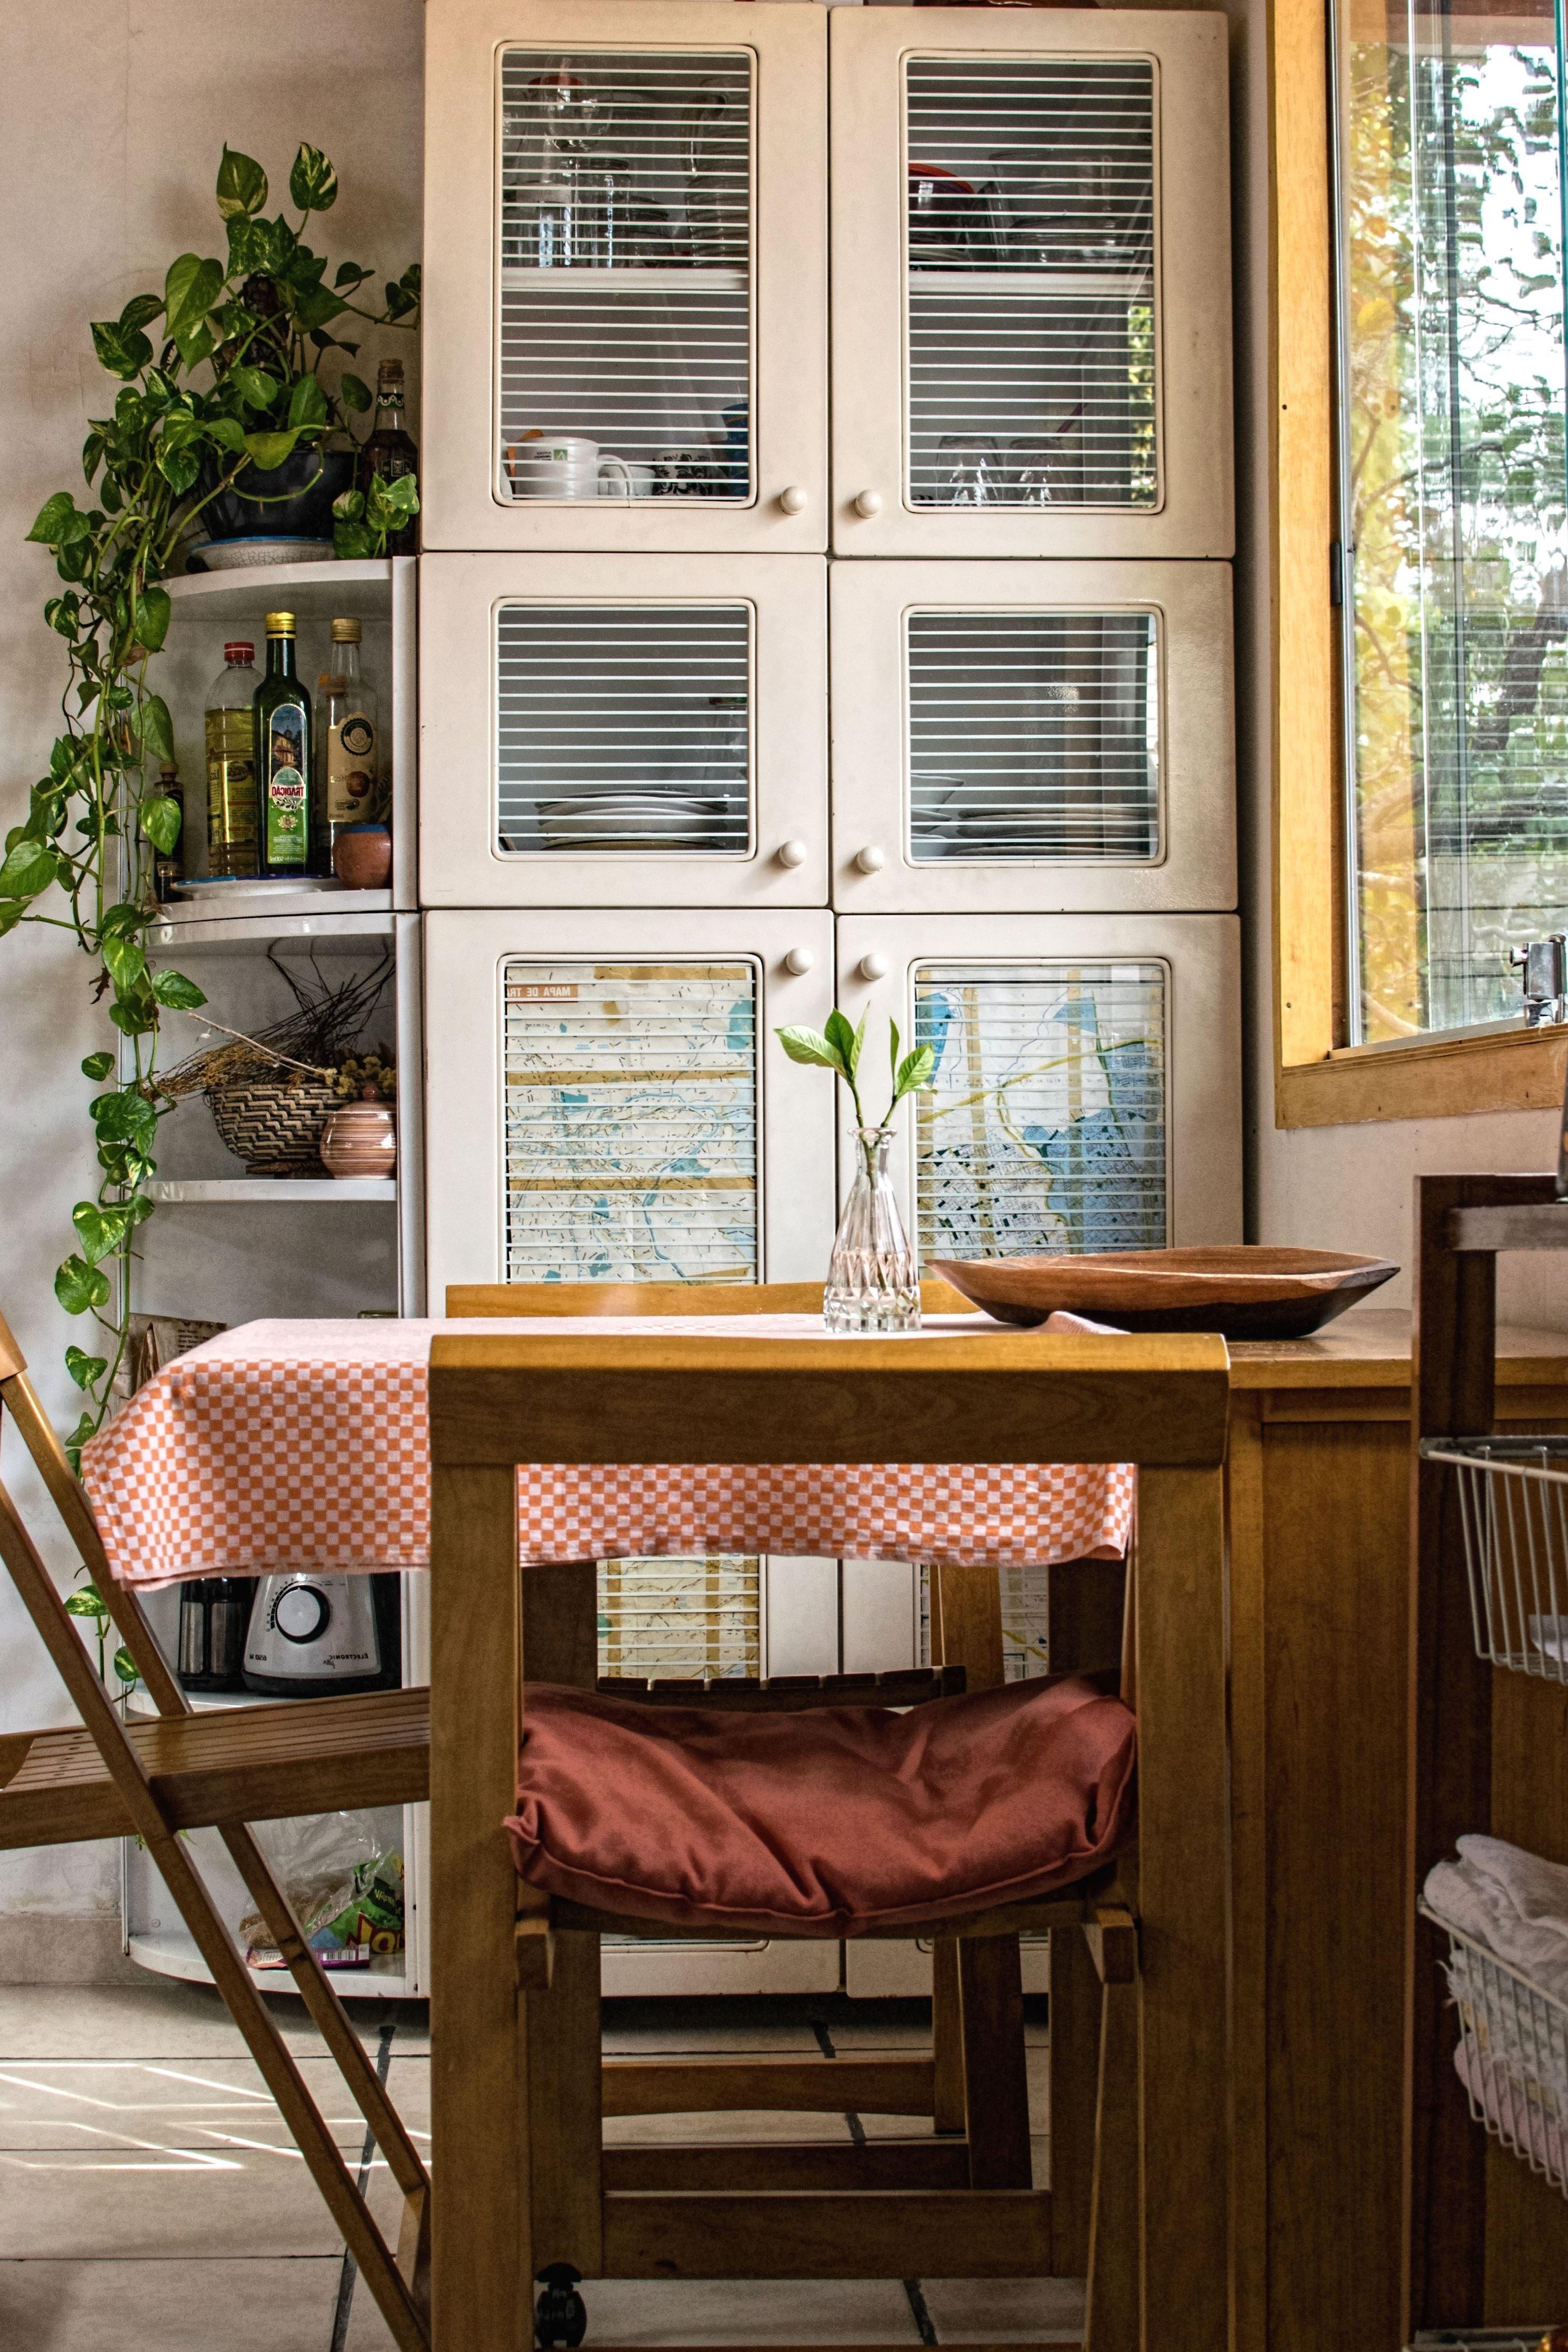 fenster k che einbaustrahler k che spritzschutz seitlich befestigung arbeitsplatte lieferzeit. Black Bedroom Furniture Sets. Home Design Ideas